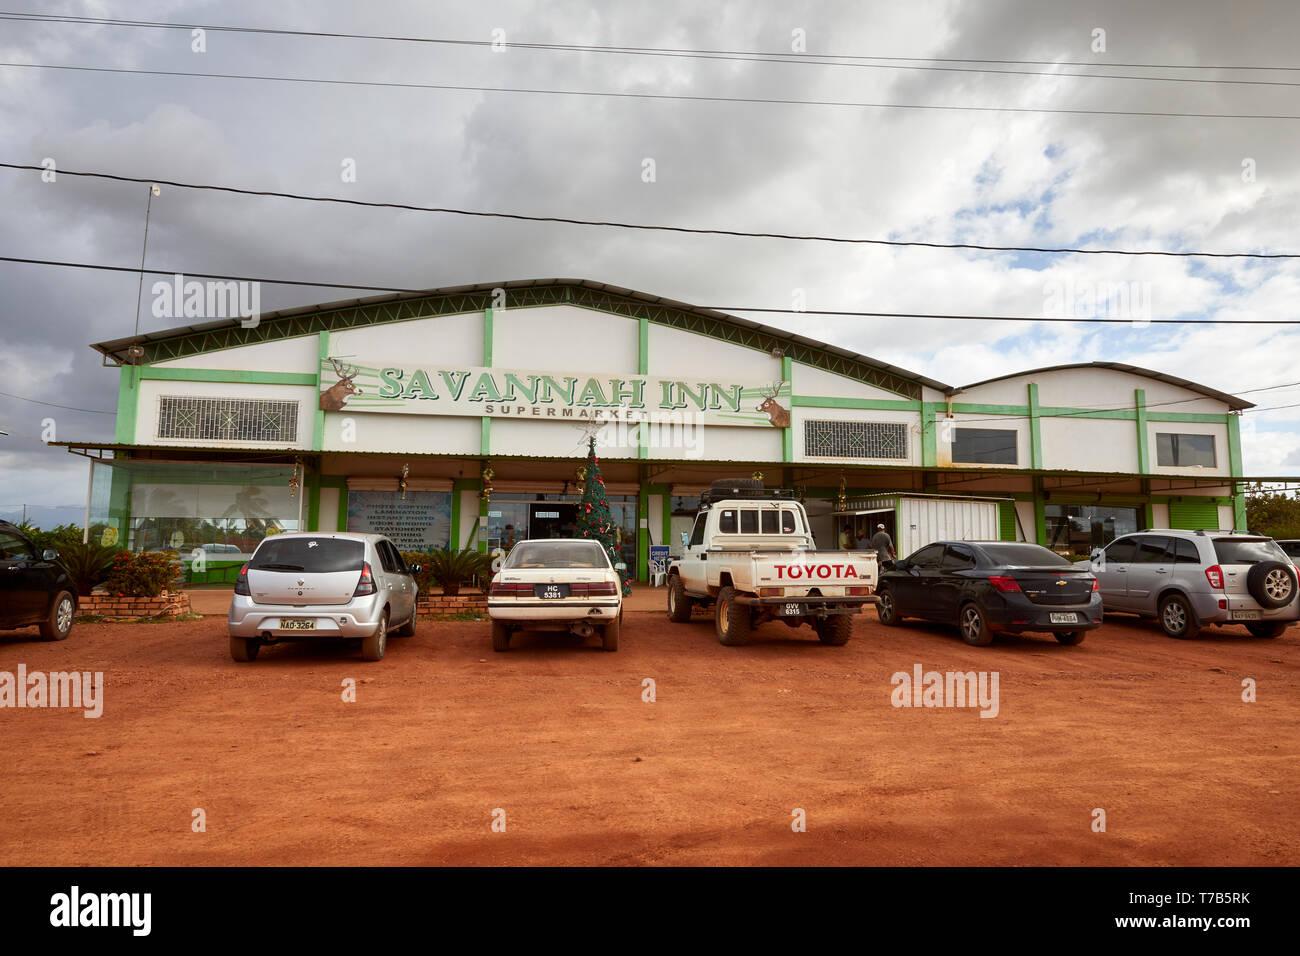 Voitures garées en face de Savannah Inn Supermarché sur route à Lethem Guyana Rupununi Amérique du Sud Photo Stock